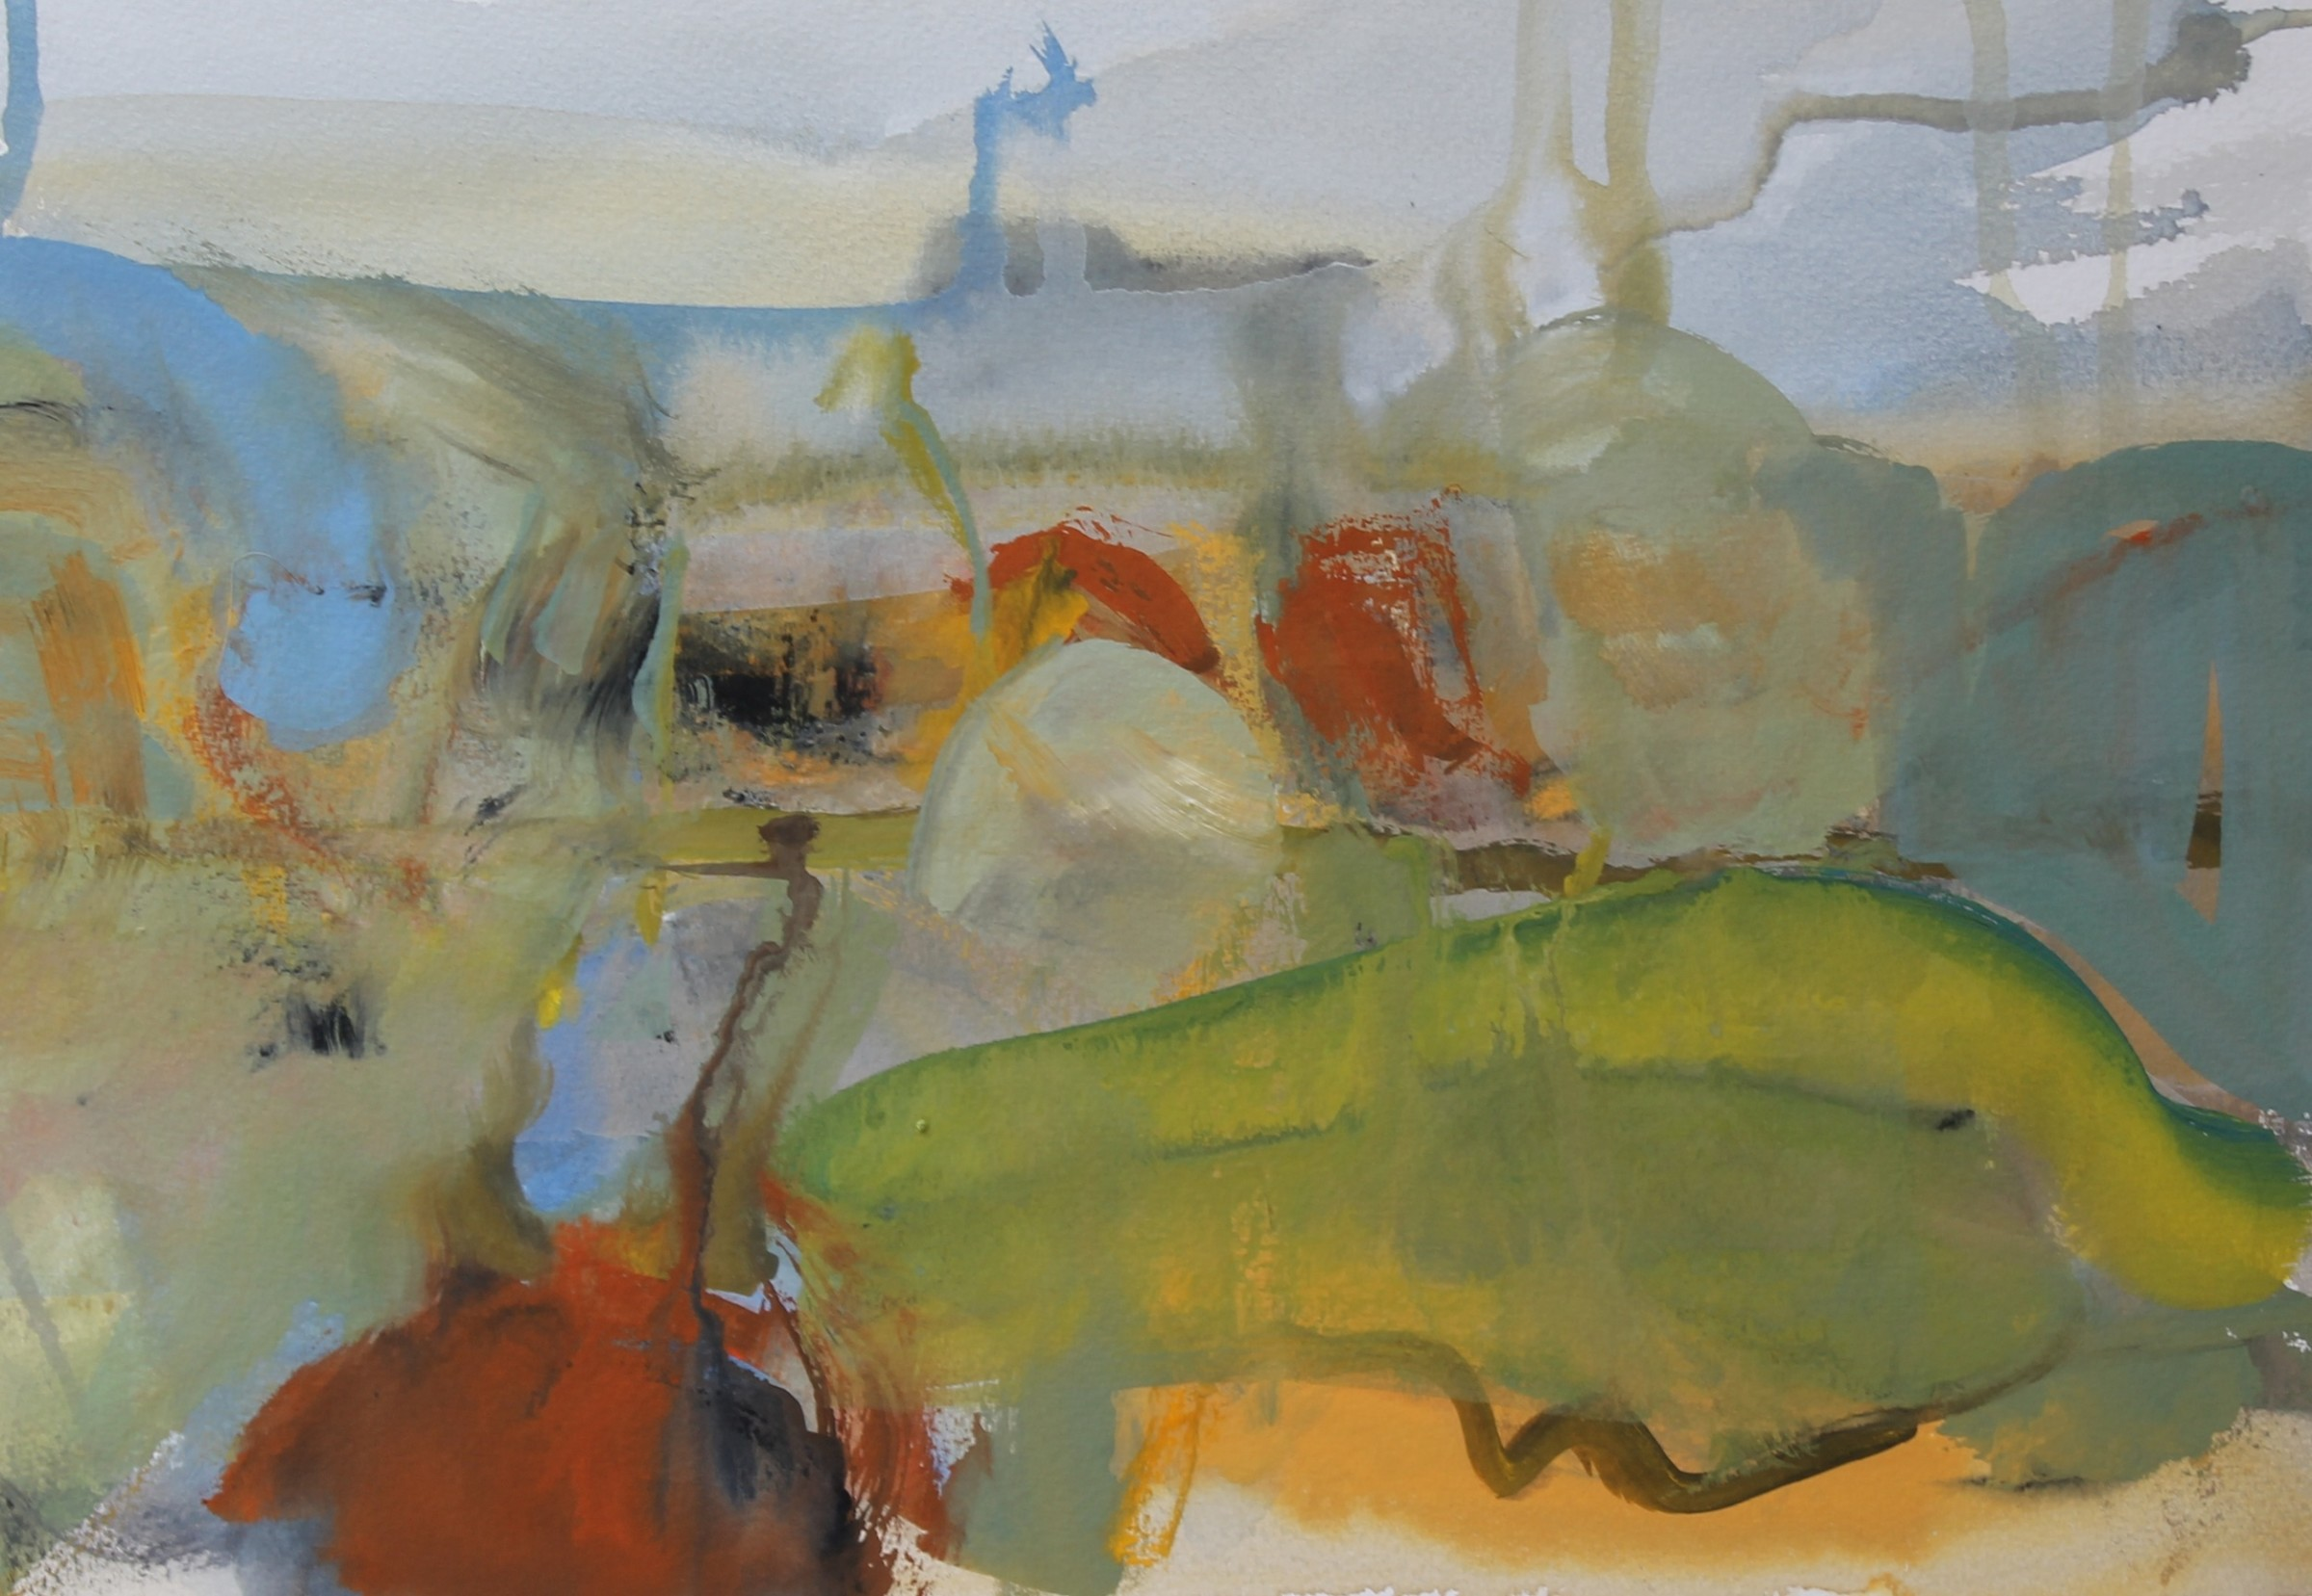 <span class=&#34;link fancybox-details-link&#34;><a href=&#34;/exhibitions/24/works/artworks_standalone10697/&#34;>View Detail Page</a></span><div class=&#34;artist&#34;><span class=&#34;artist&#34;><strong>Julie D. Cooper</strong></span></div><div class=&#34;title&#34;><em>Distant Parts</em></div><div class=&#34;medium&#34;>gouache</div><div class=&#34;dimensions&#34;>35 x 45cm</div>